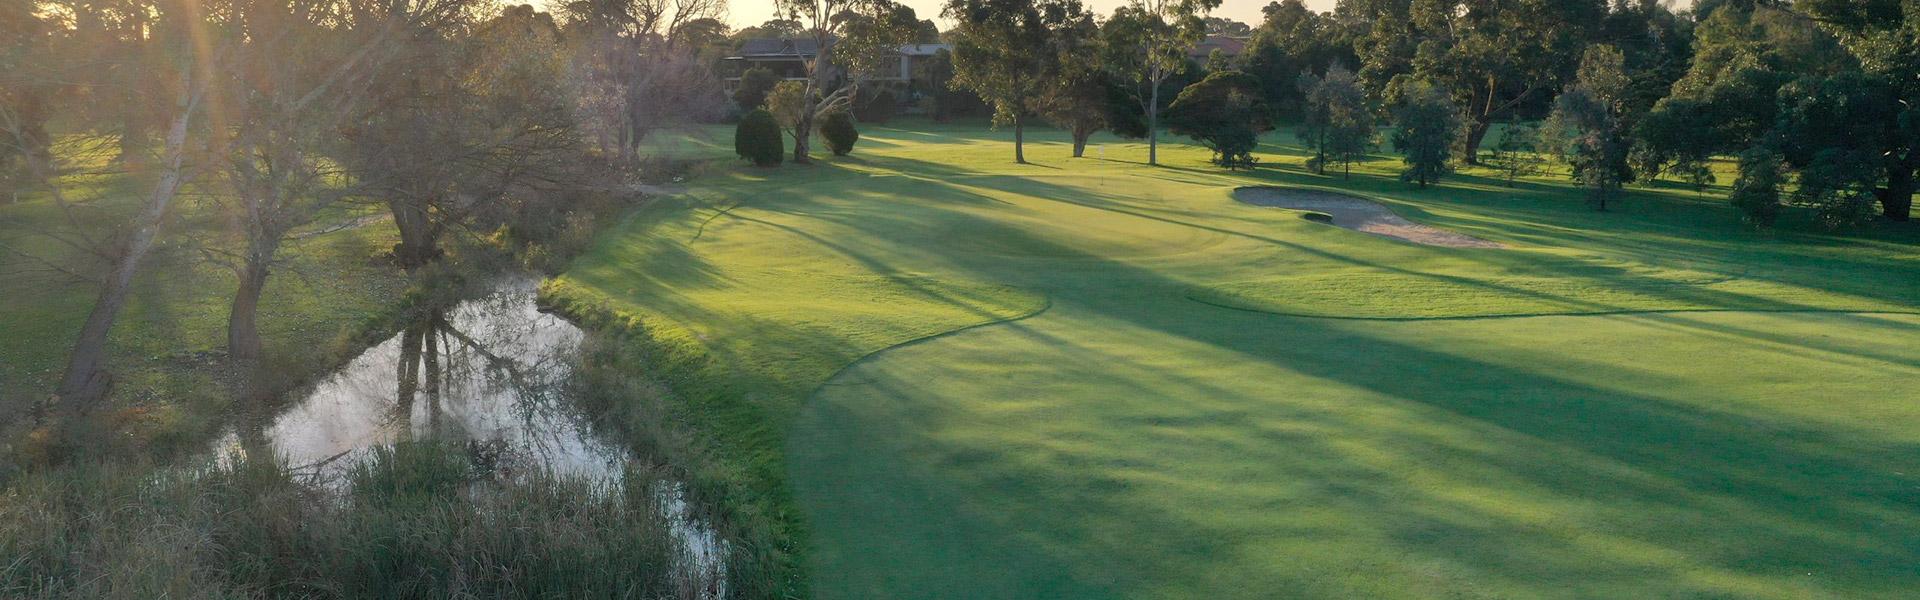 Hole 13 - Rossdale Golf Club